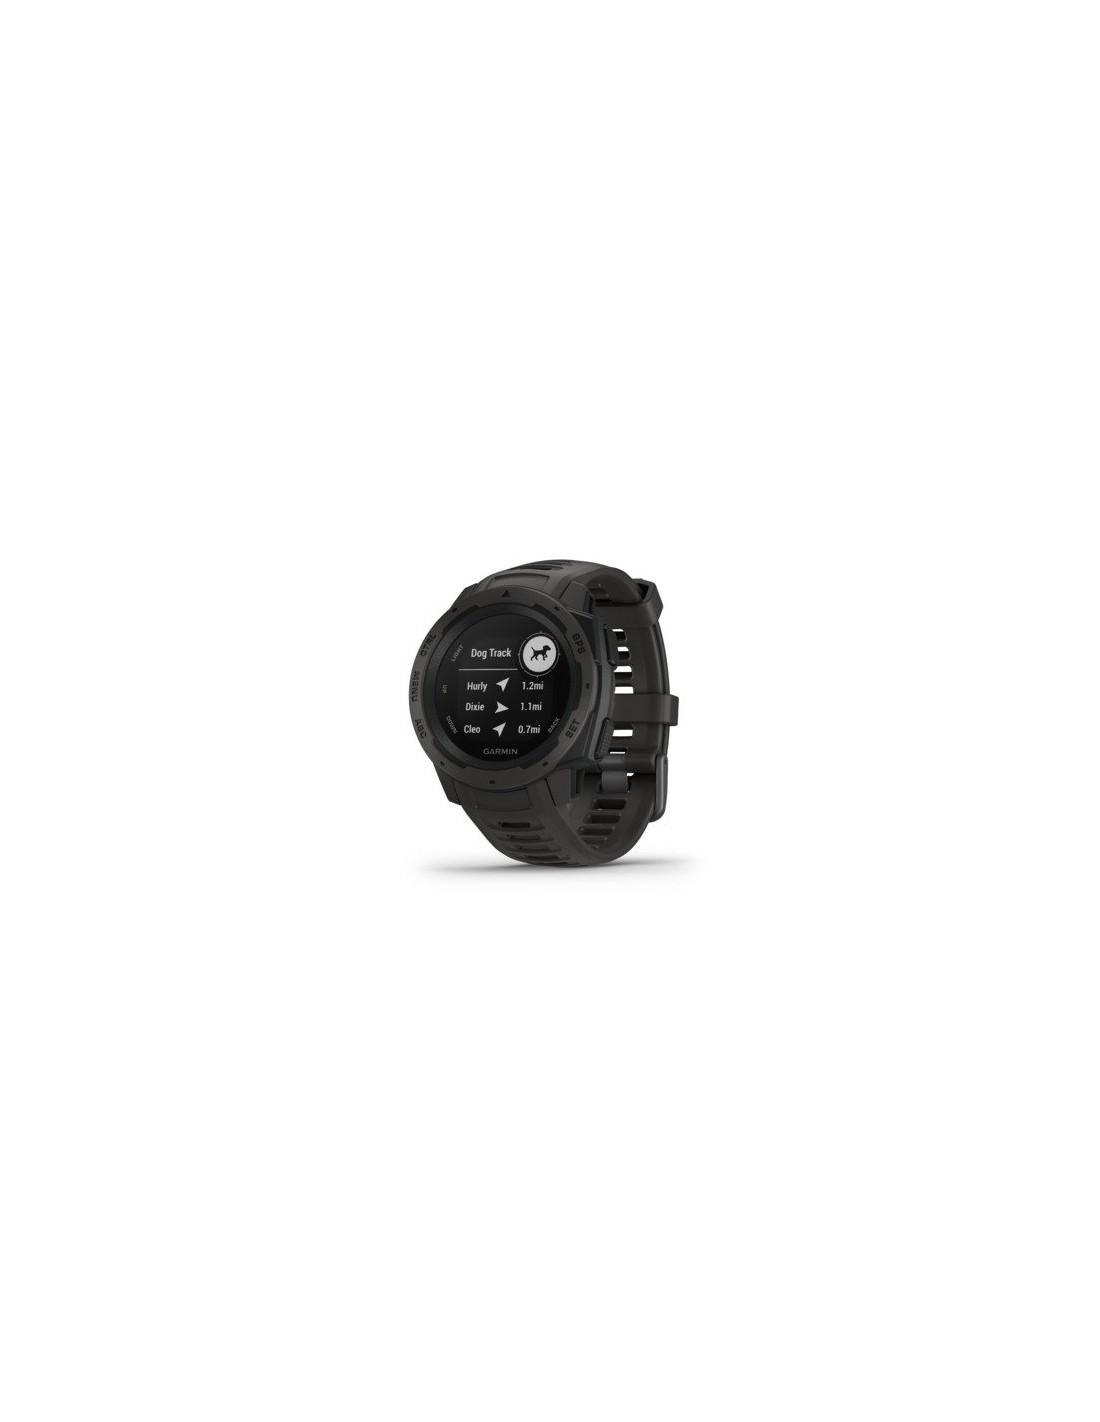 Pulsklokker Garmin Instinct GPS Watch 010-02064 3,199.00